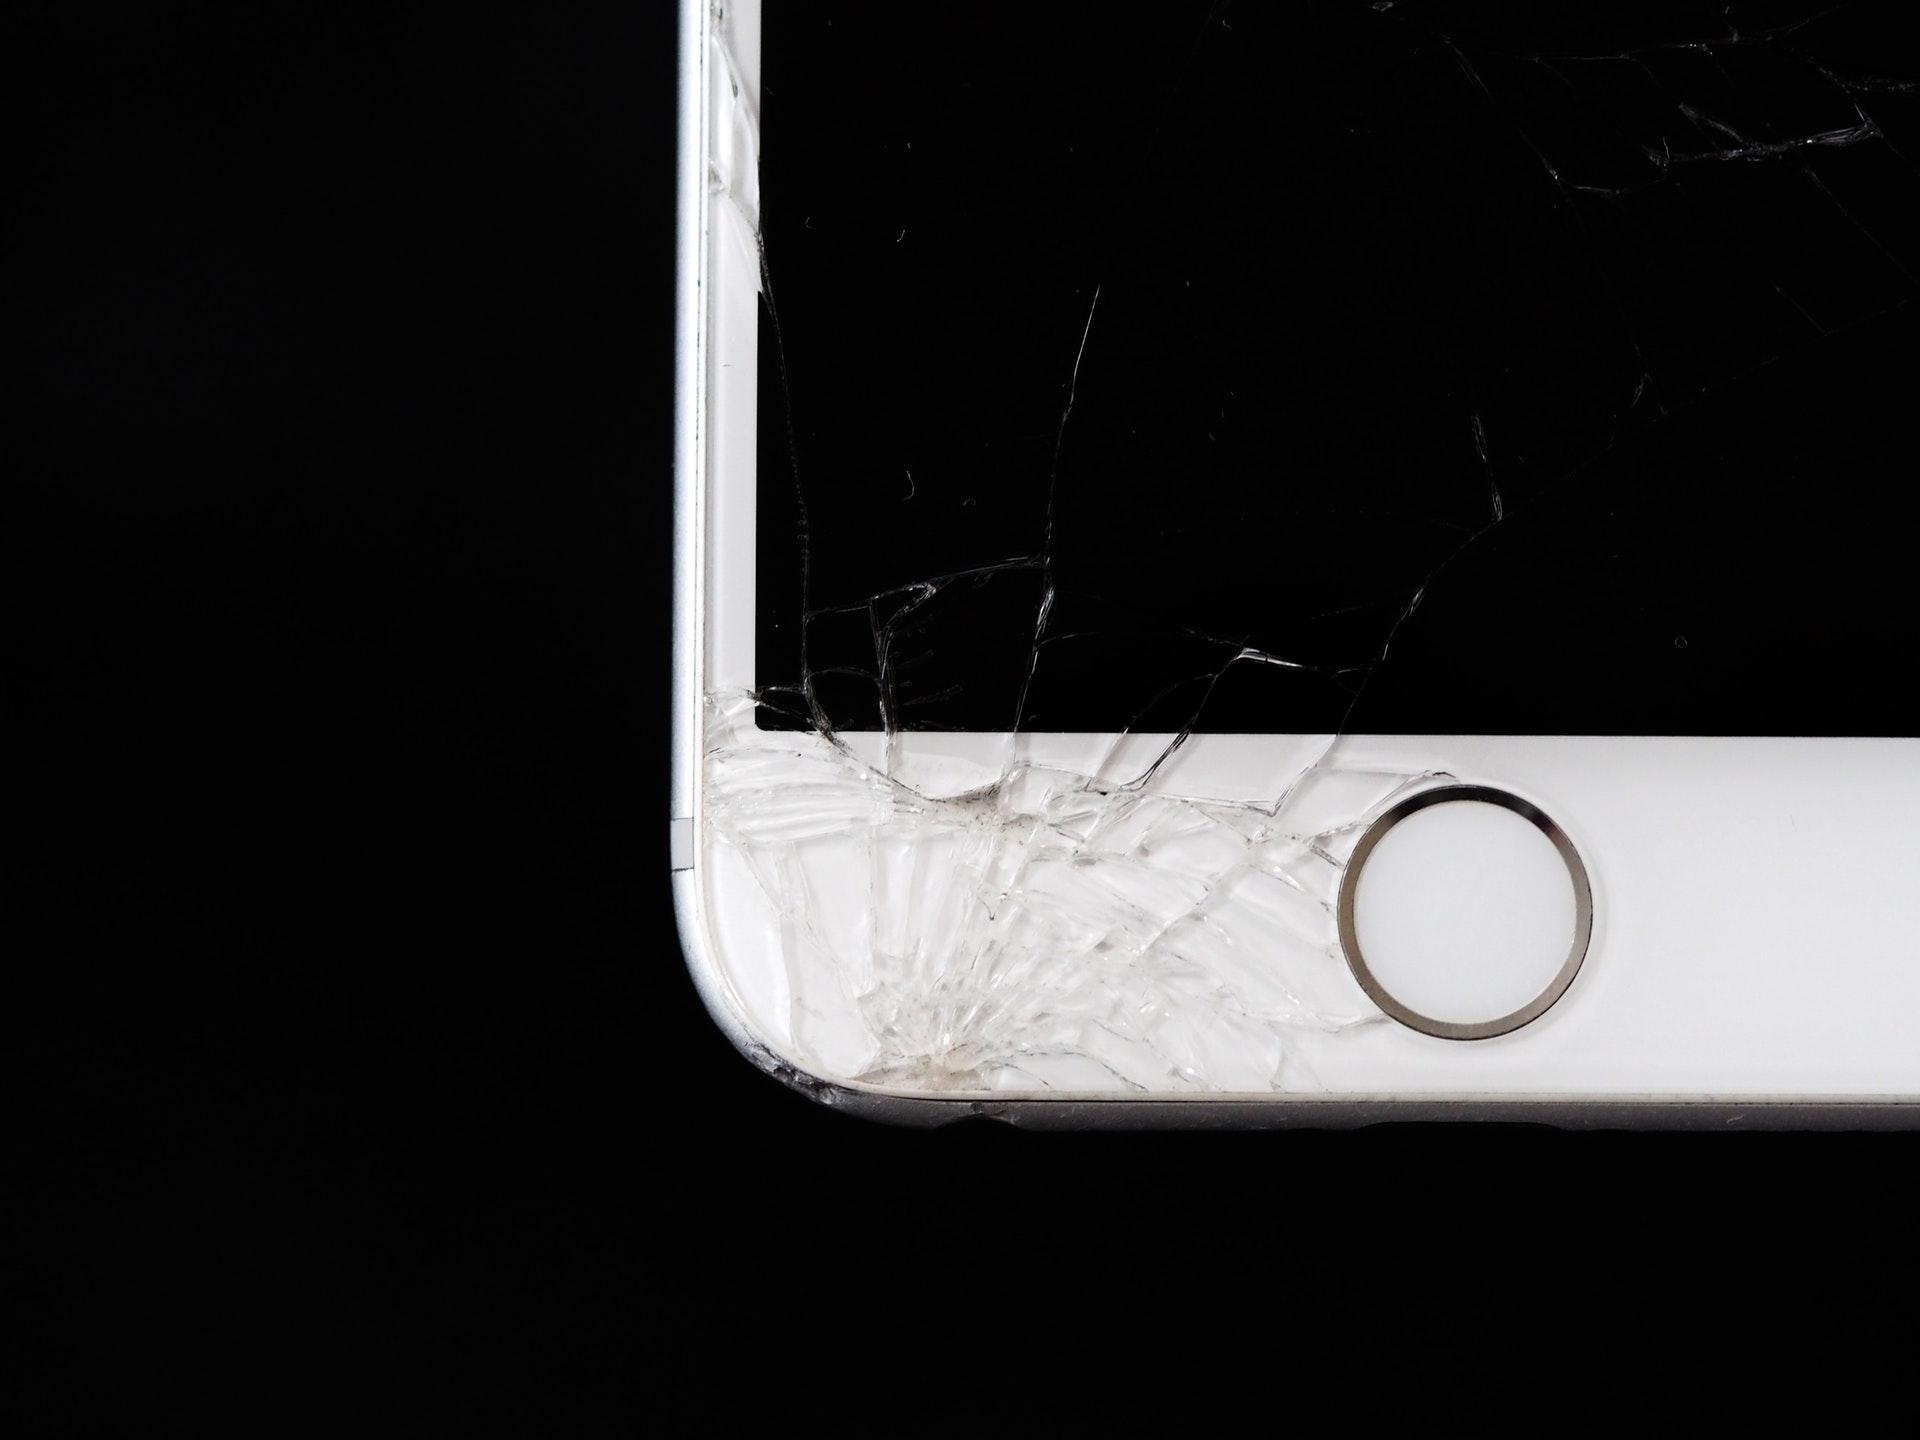 Evitando prejuizos com manutenção de celular